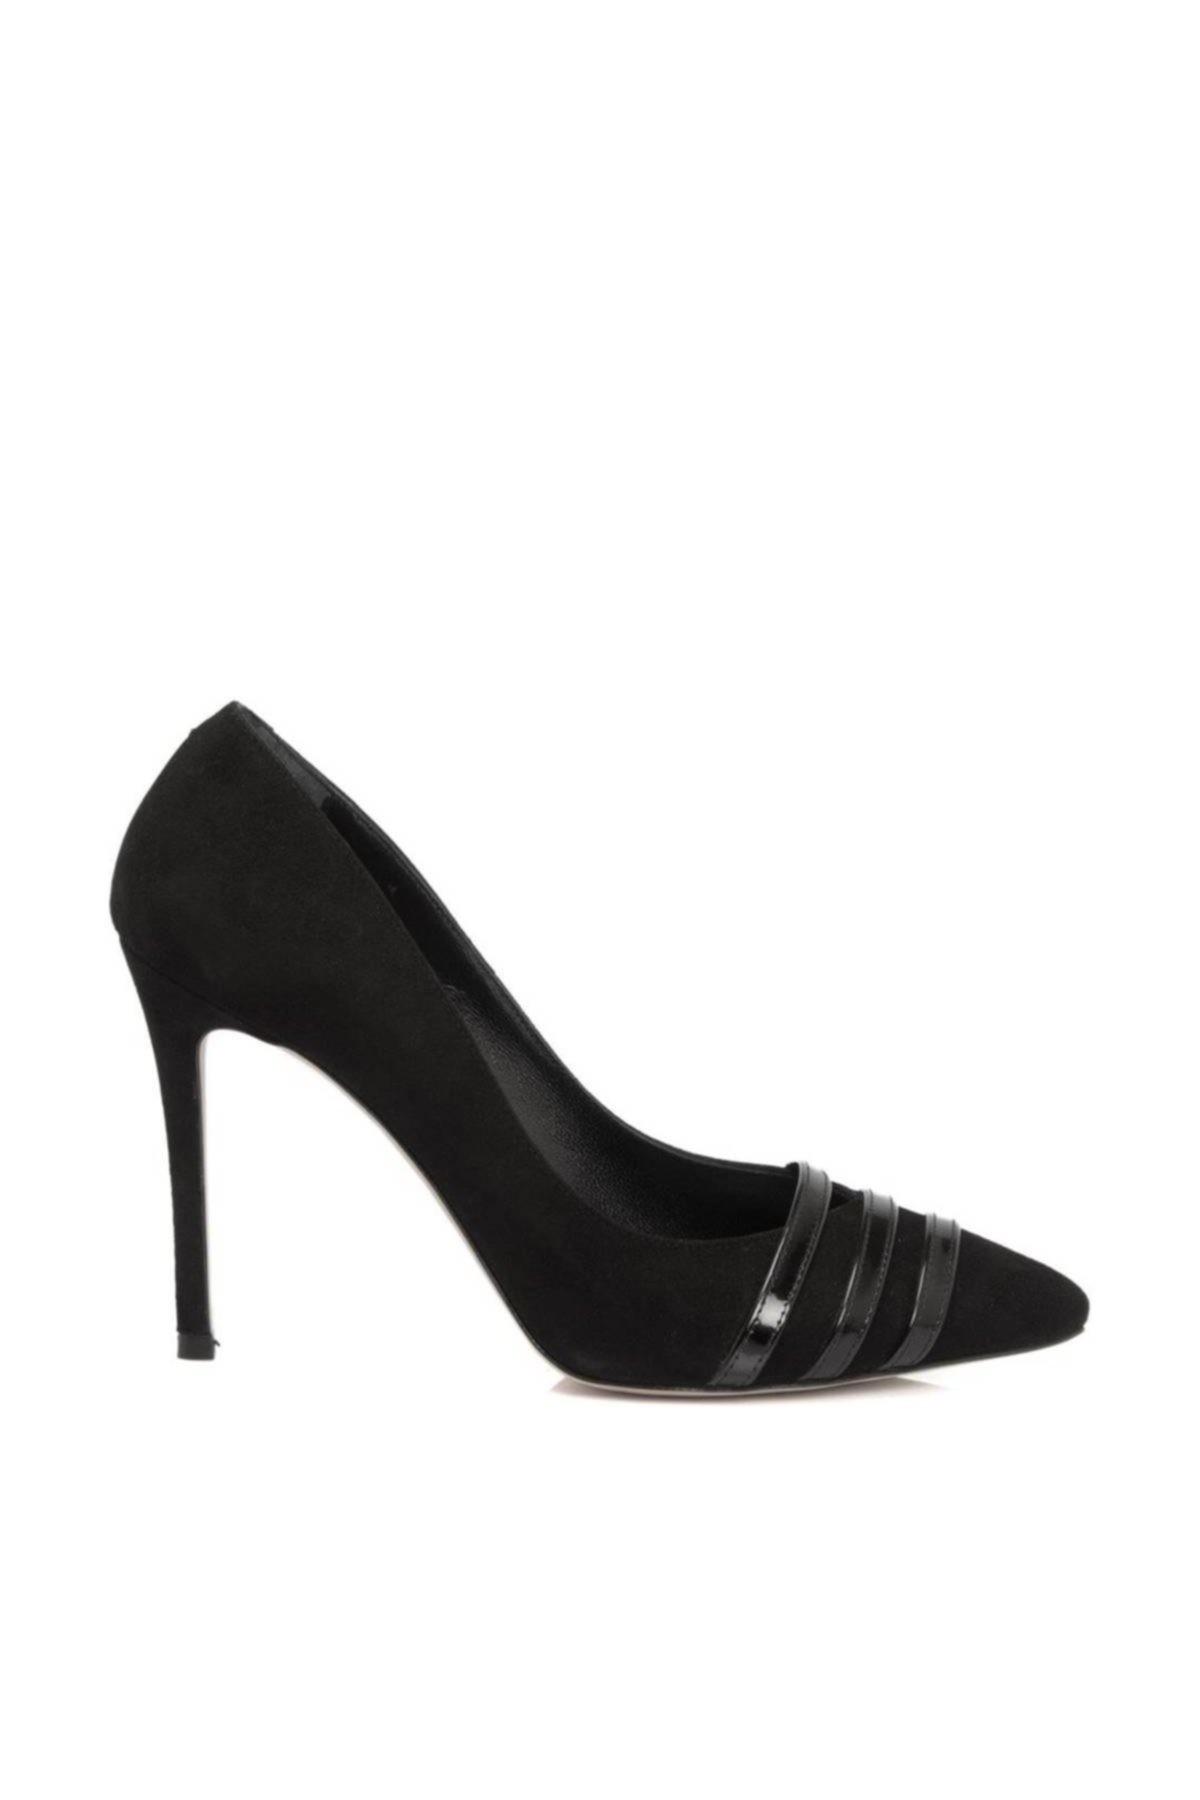 Tergan Hakiki Deri Siyah-Süet - Siyah-Rugan Kadın Klasik Ayakkabı K18S1AY64164 1